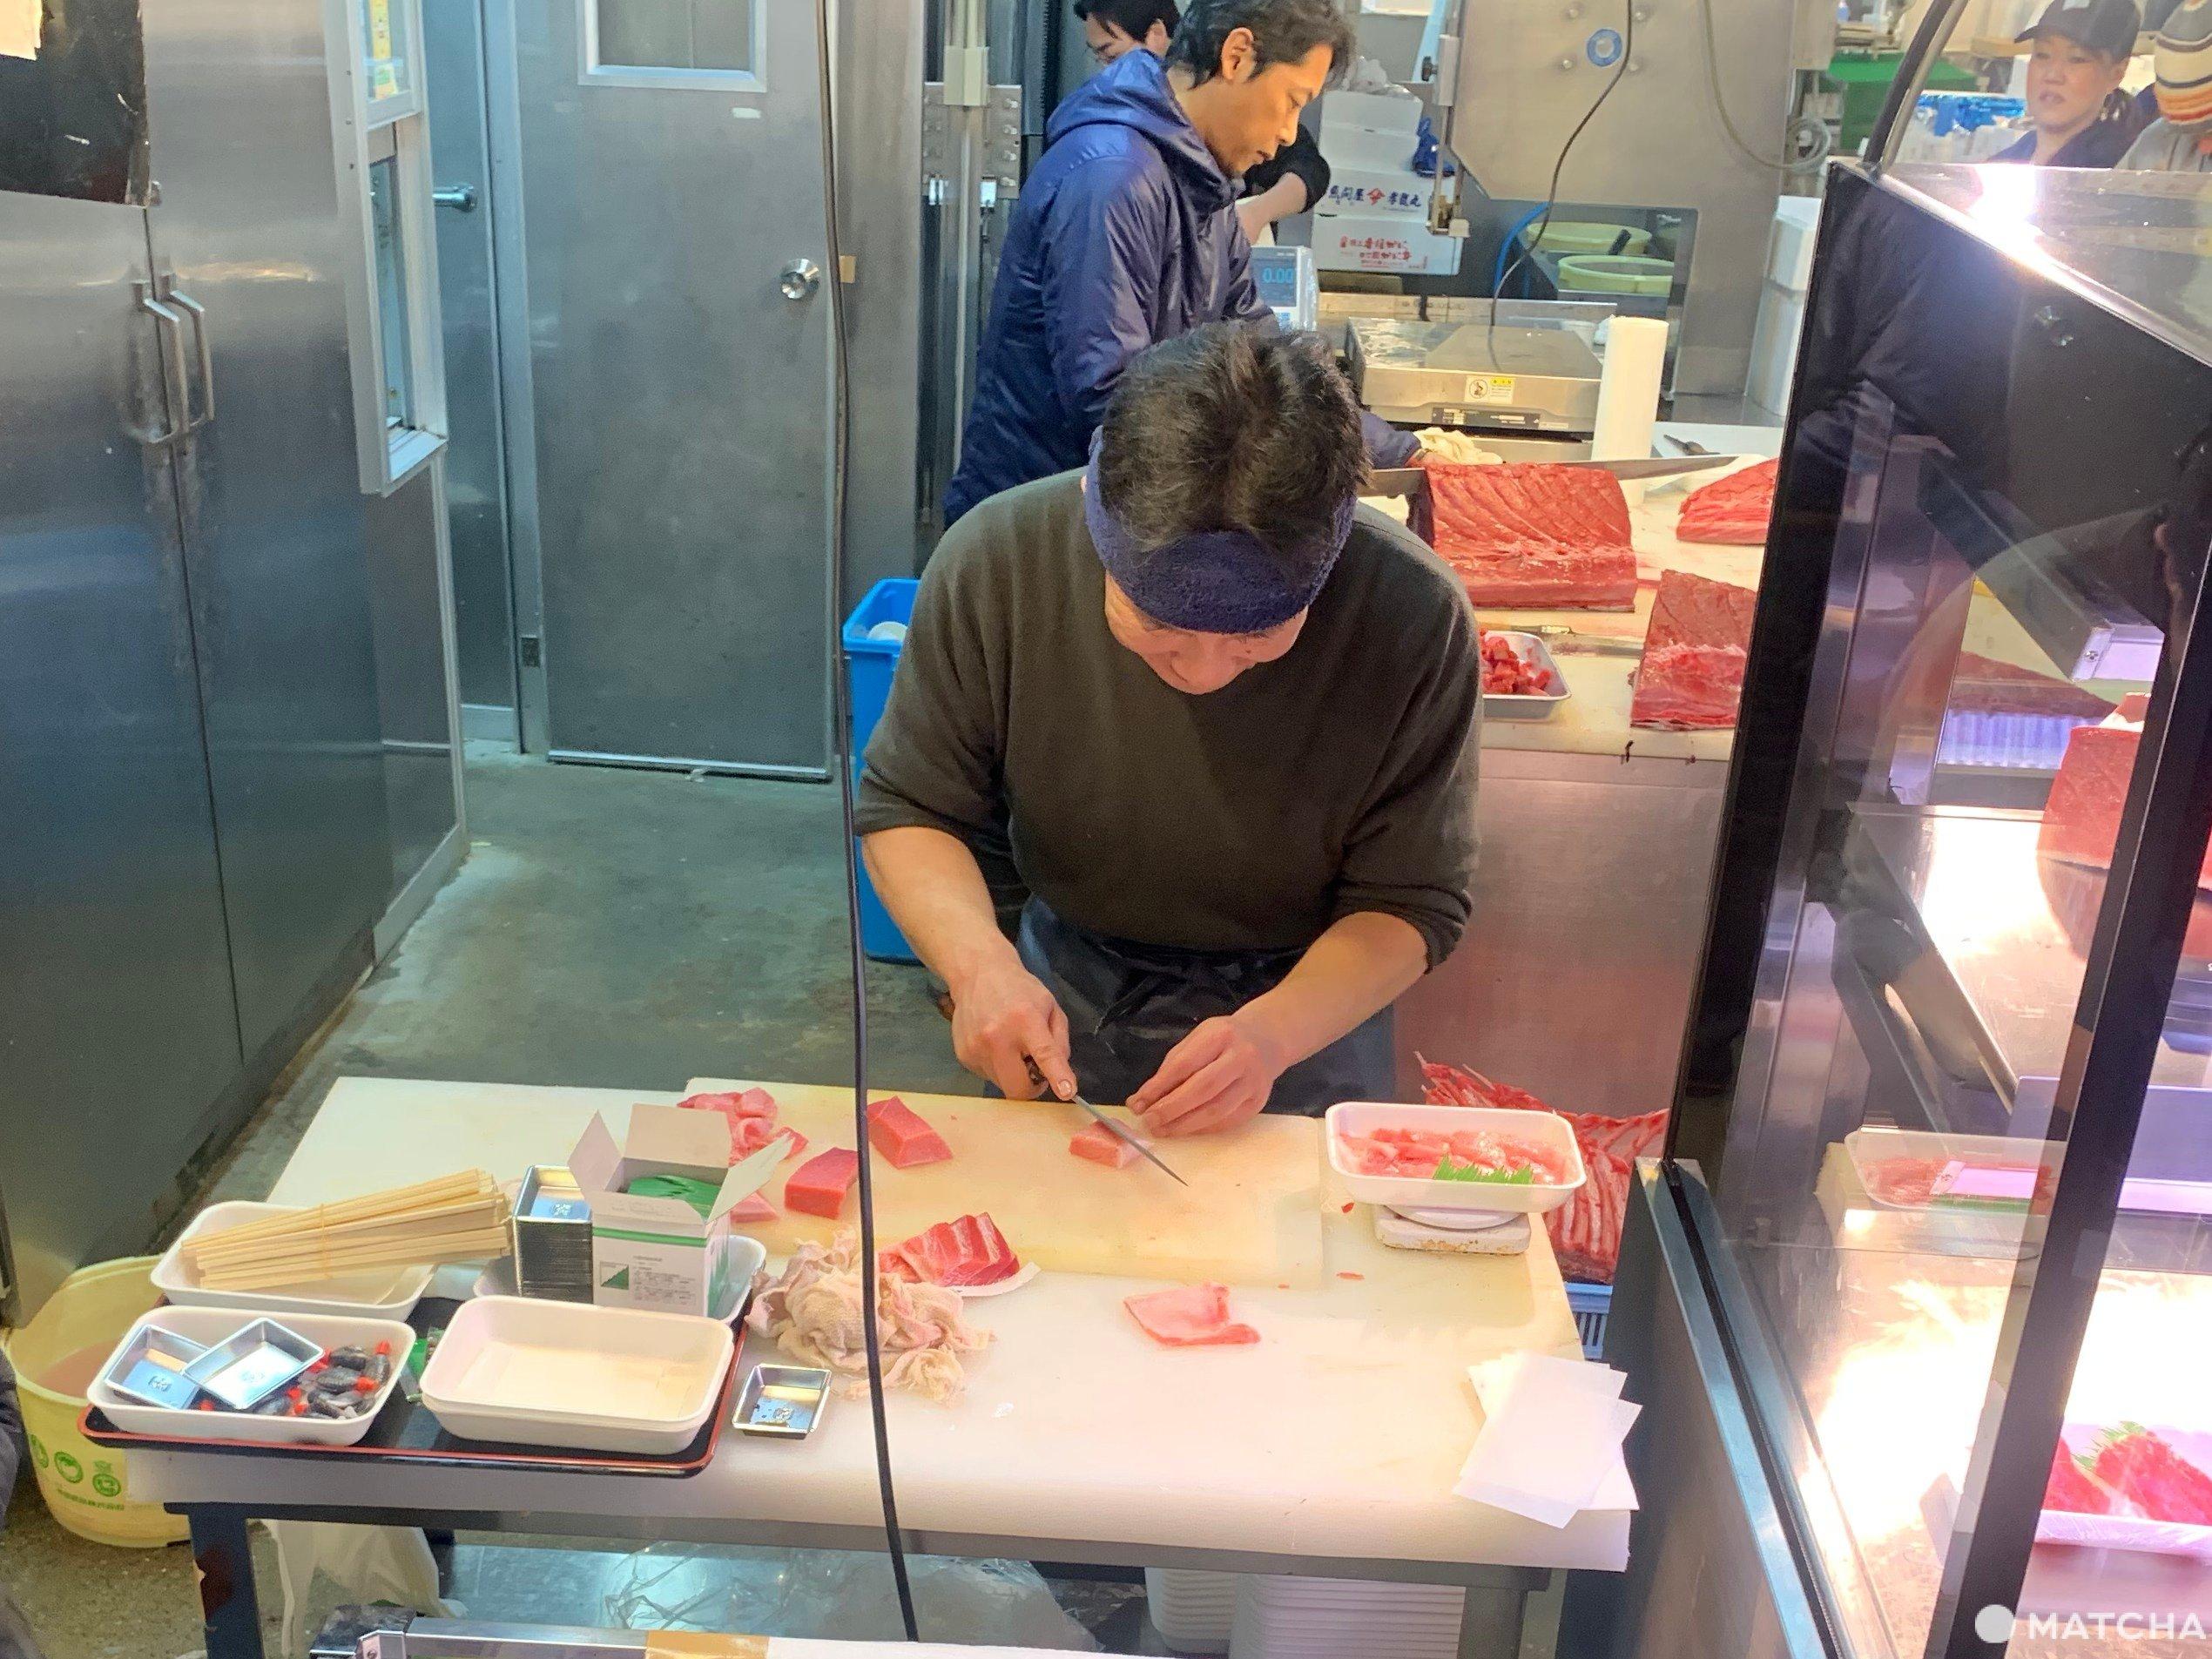 【大阪】大阪市中心的生鮮挖寶好去處-木津市場